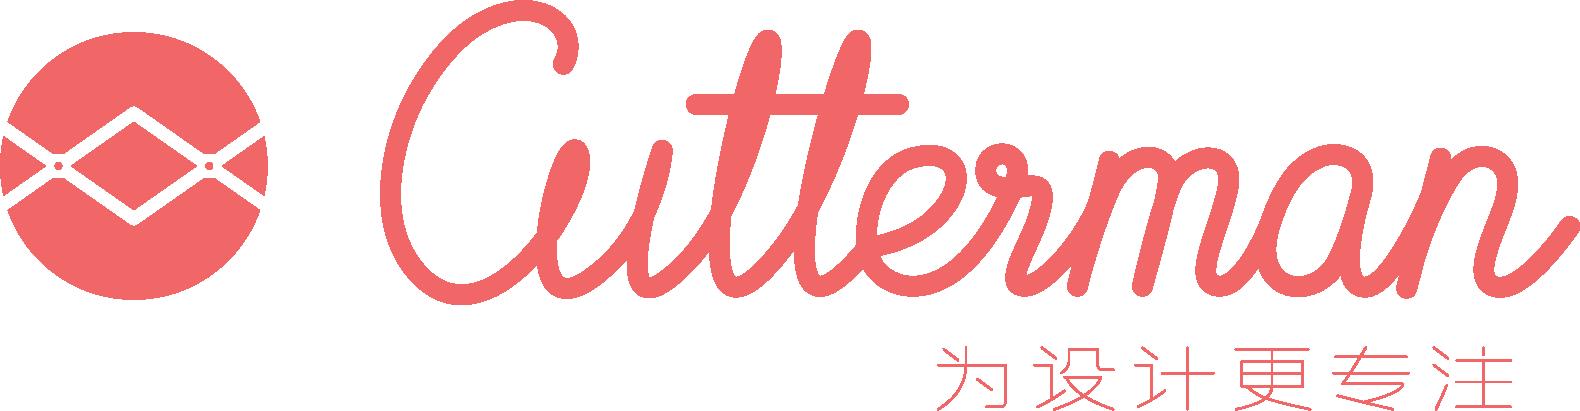 Cutterman